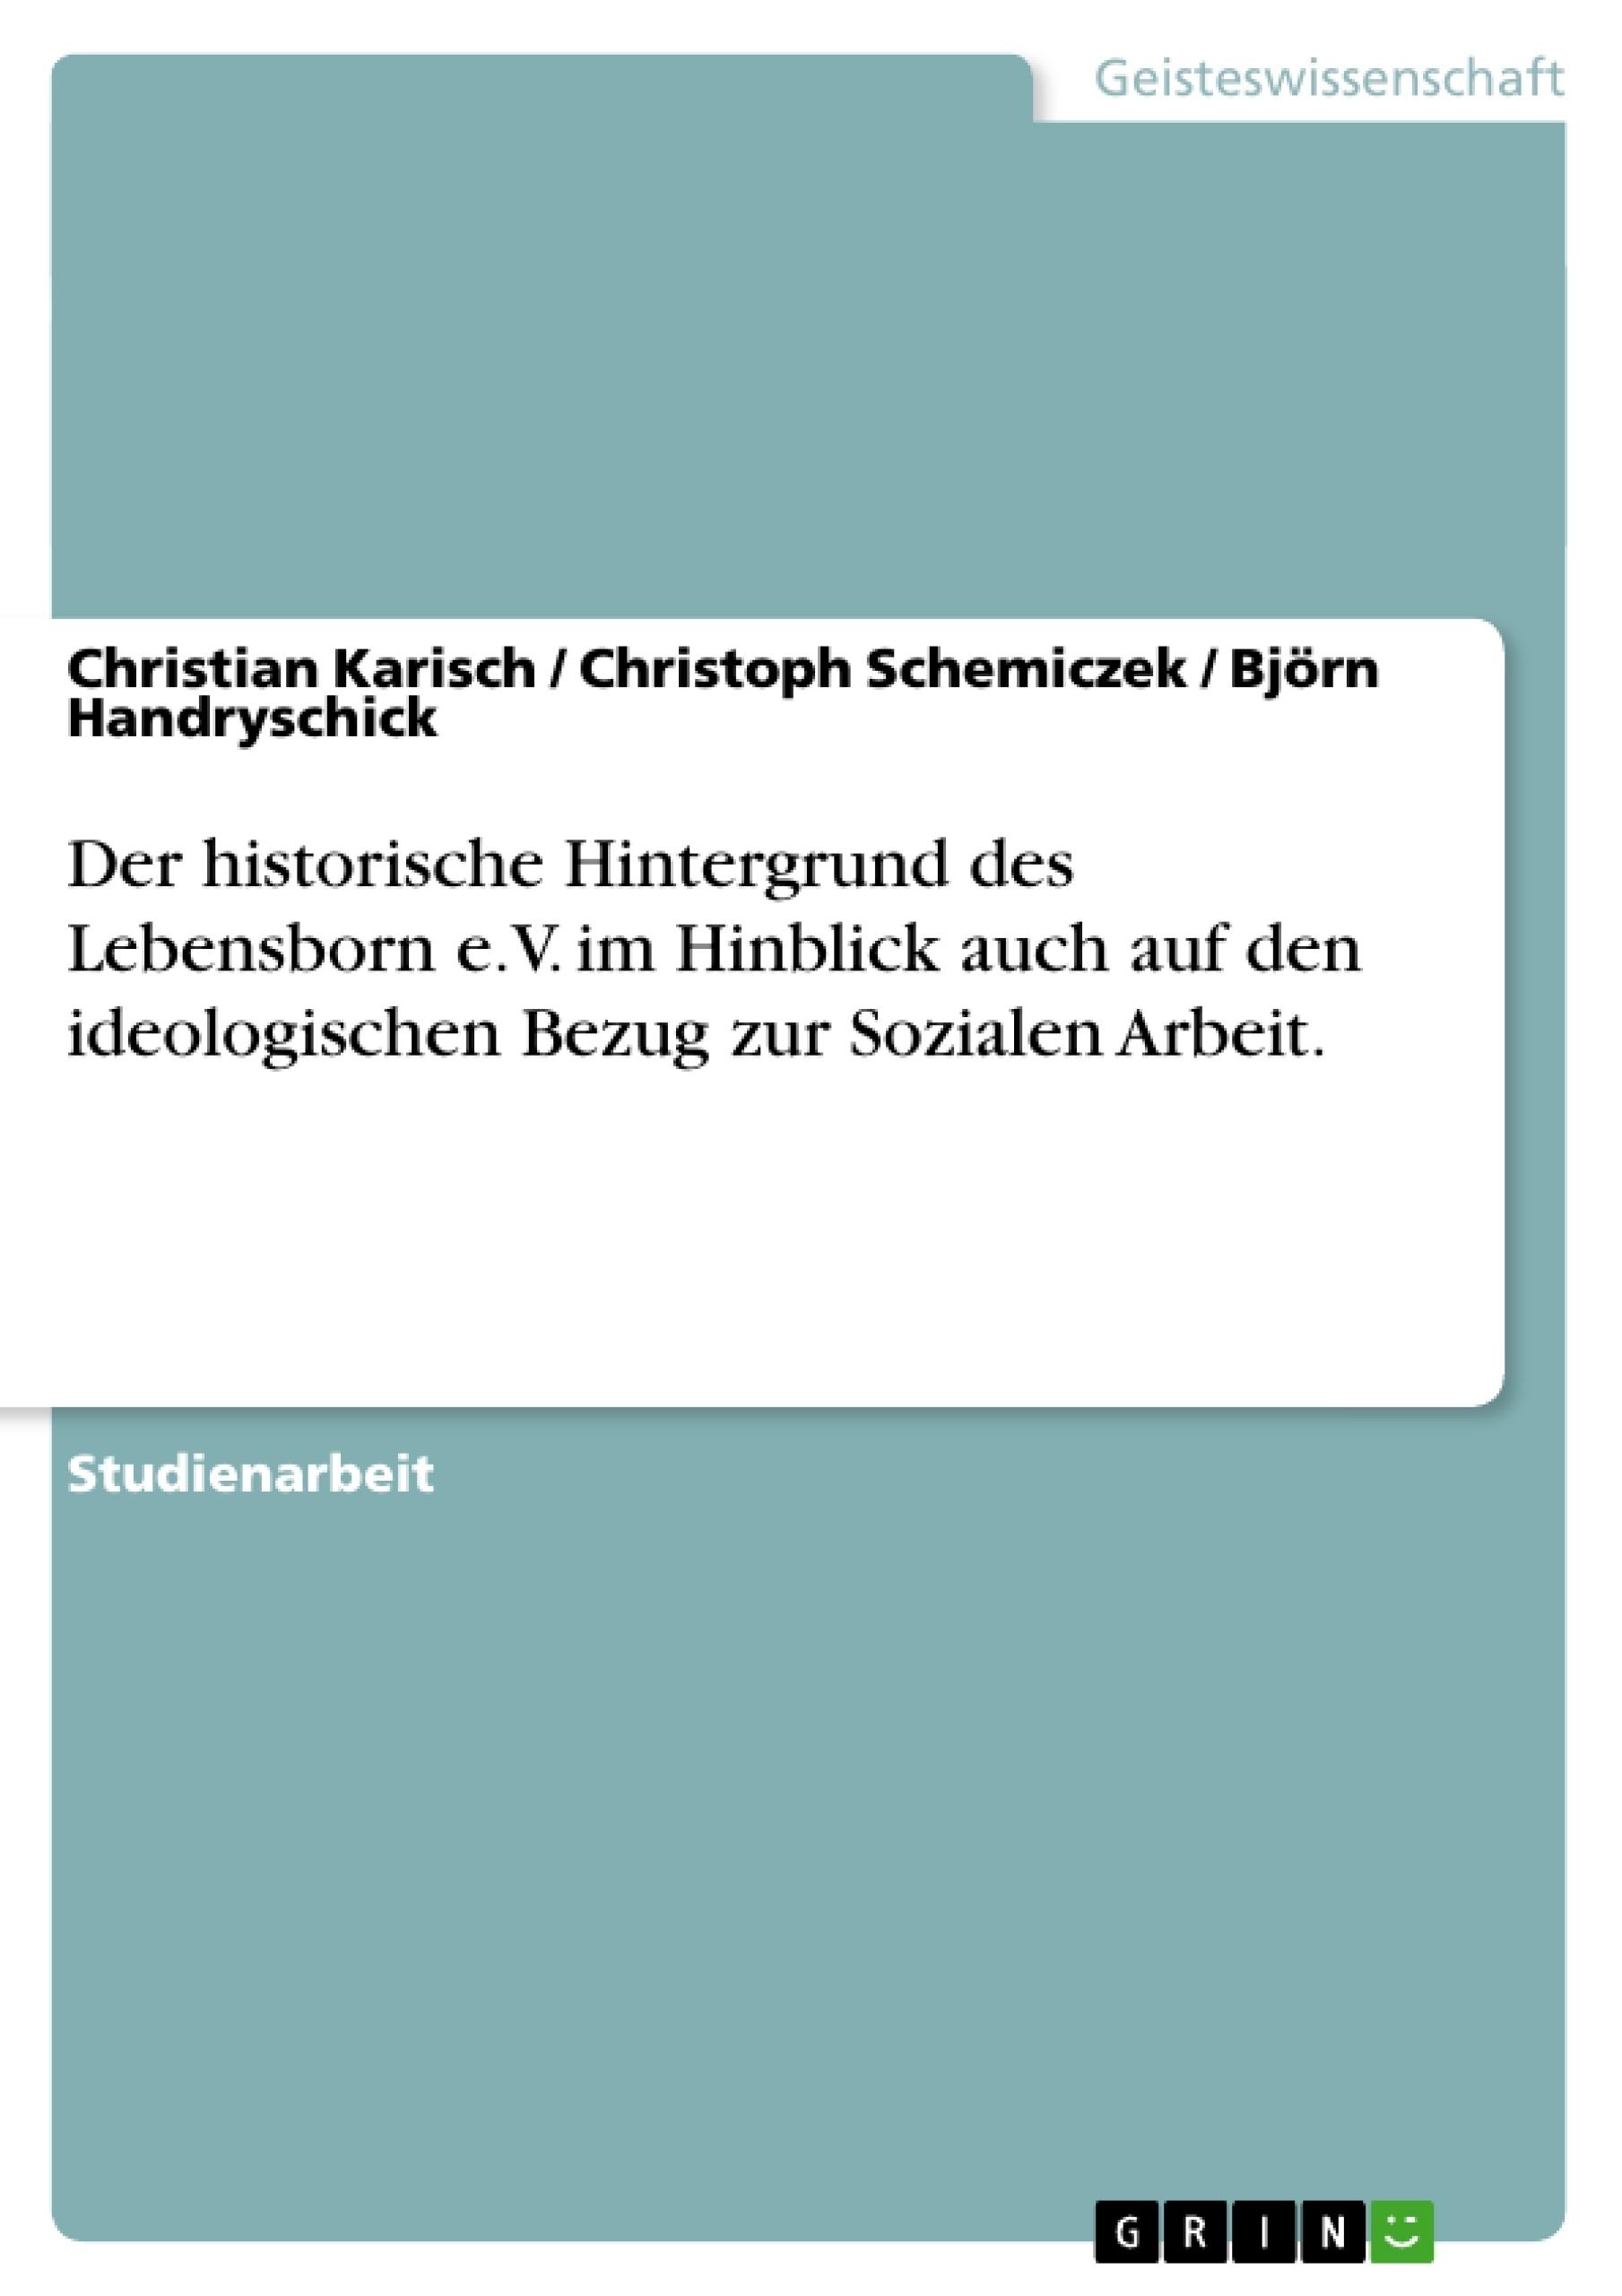 Titel: Der historische Hintergrund des Lebensborn e.V. im Hinblick auch auf den ideologischen Bezug zur Sozialen Arbeit.